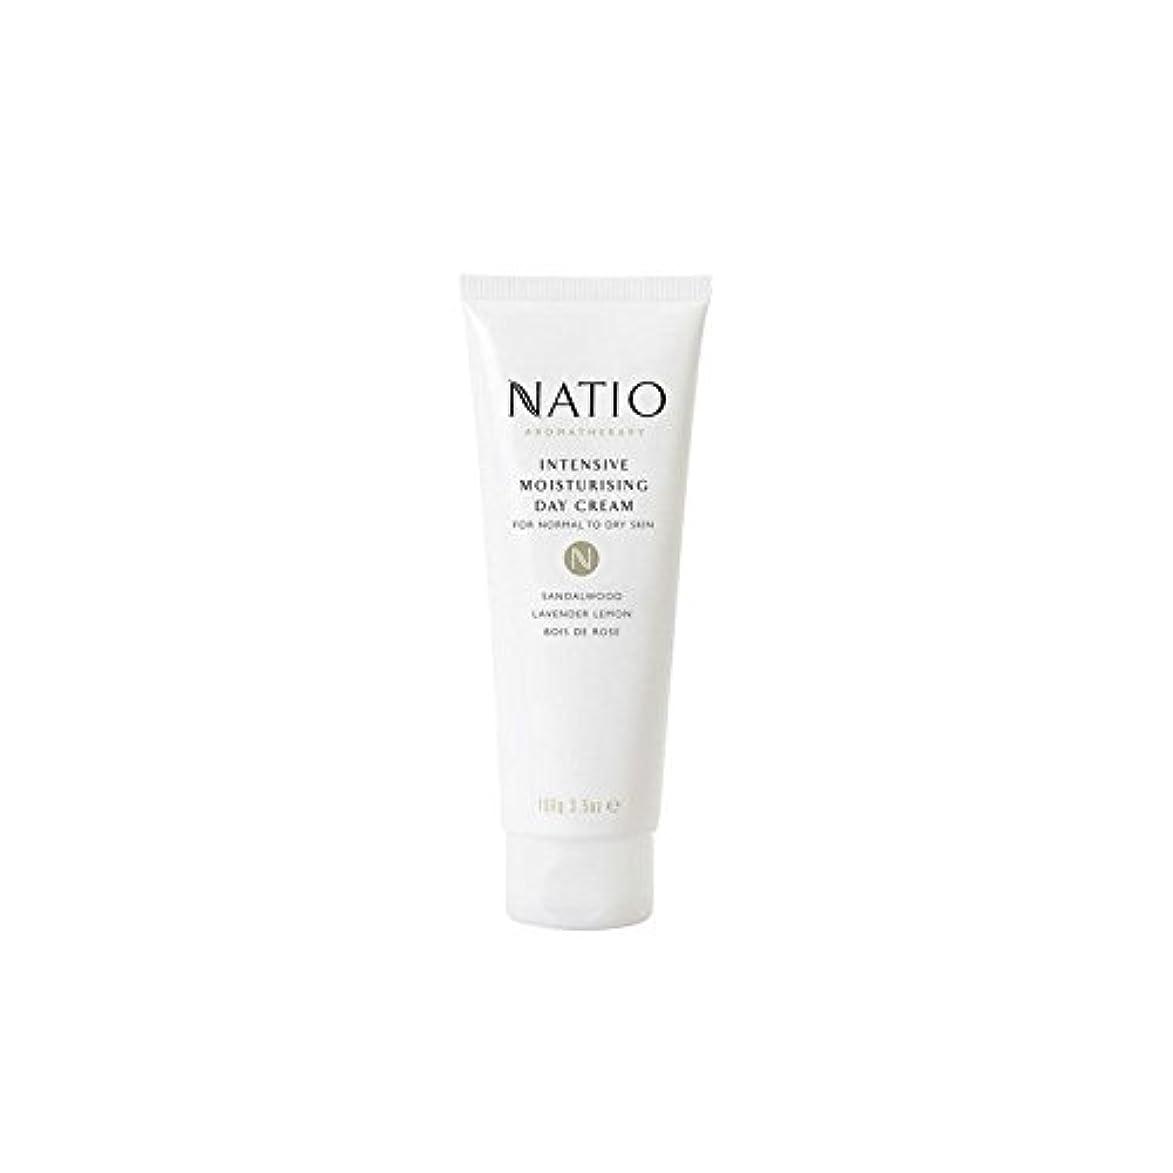 見る人グラス節約集中的な保湿デイクリーム(100グラム) x2 - Natio Intensive Moisturising Day Cream (100G) (Pack of 2) [並行輸入品]